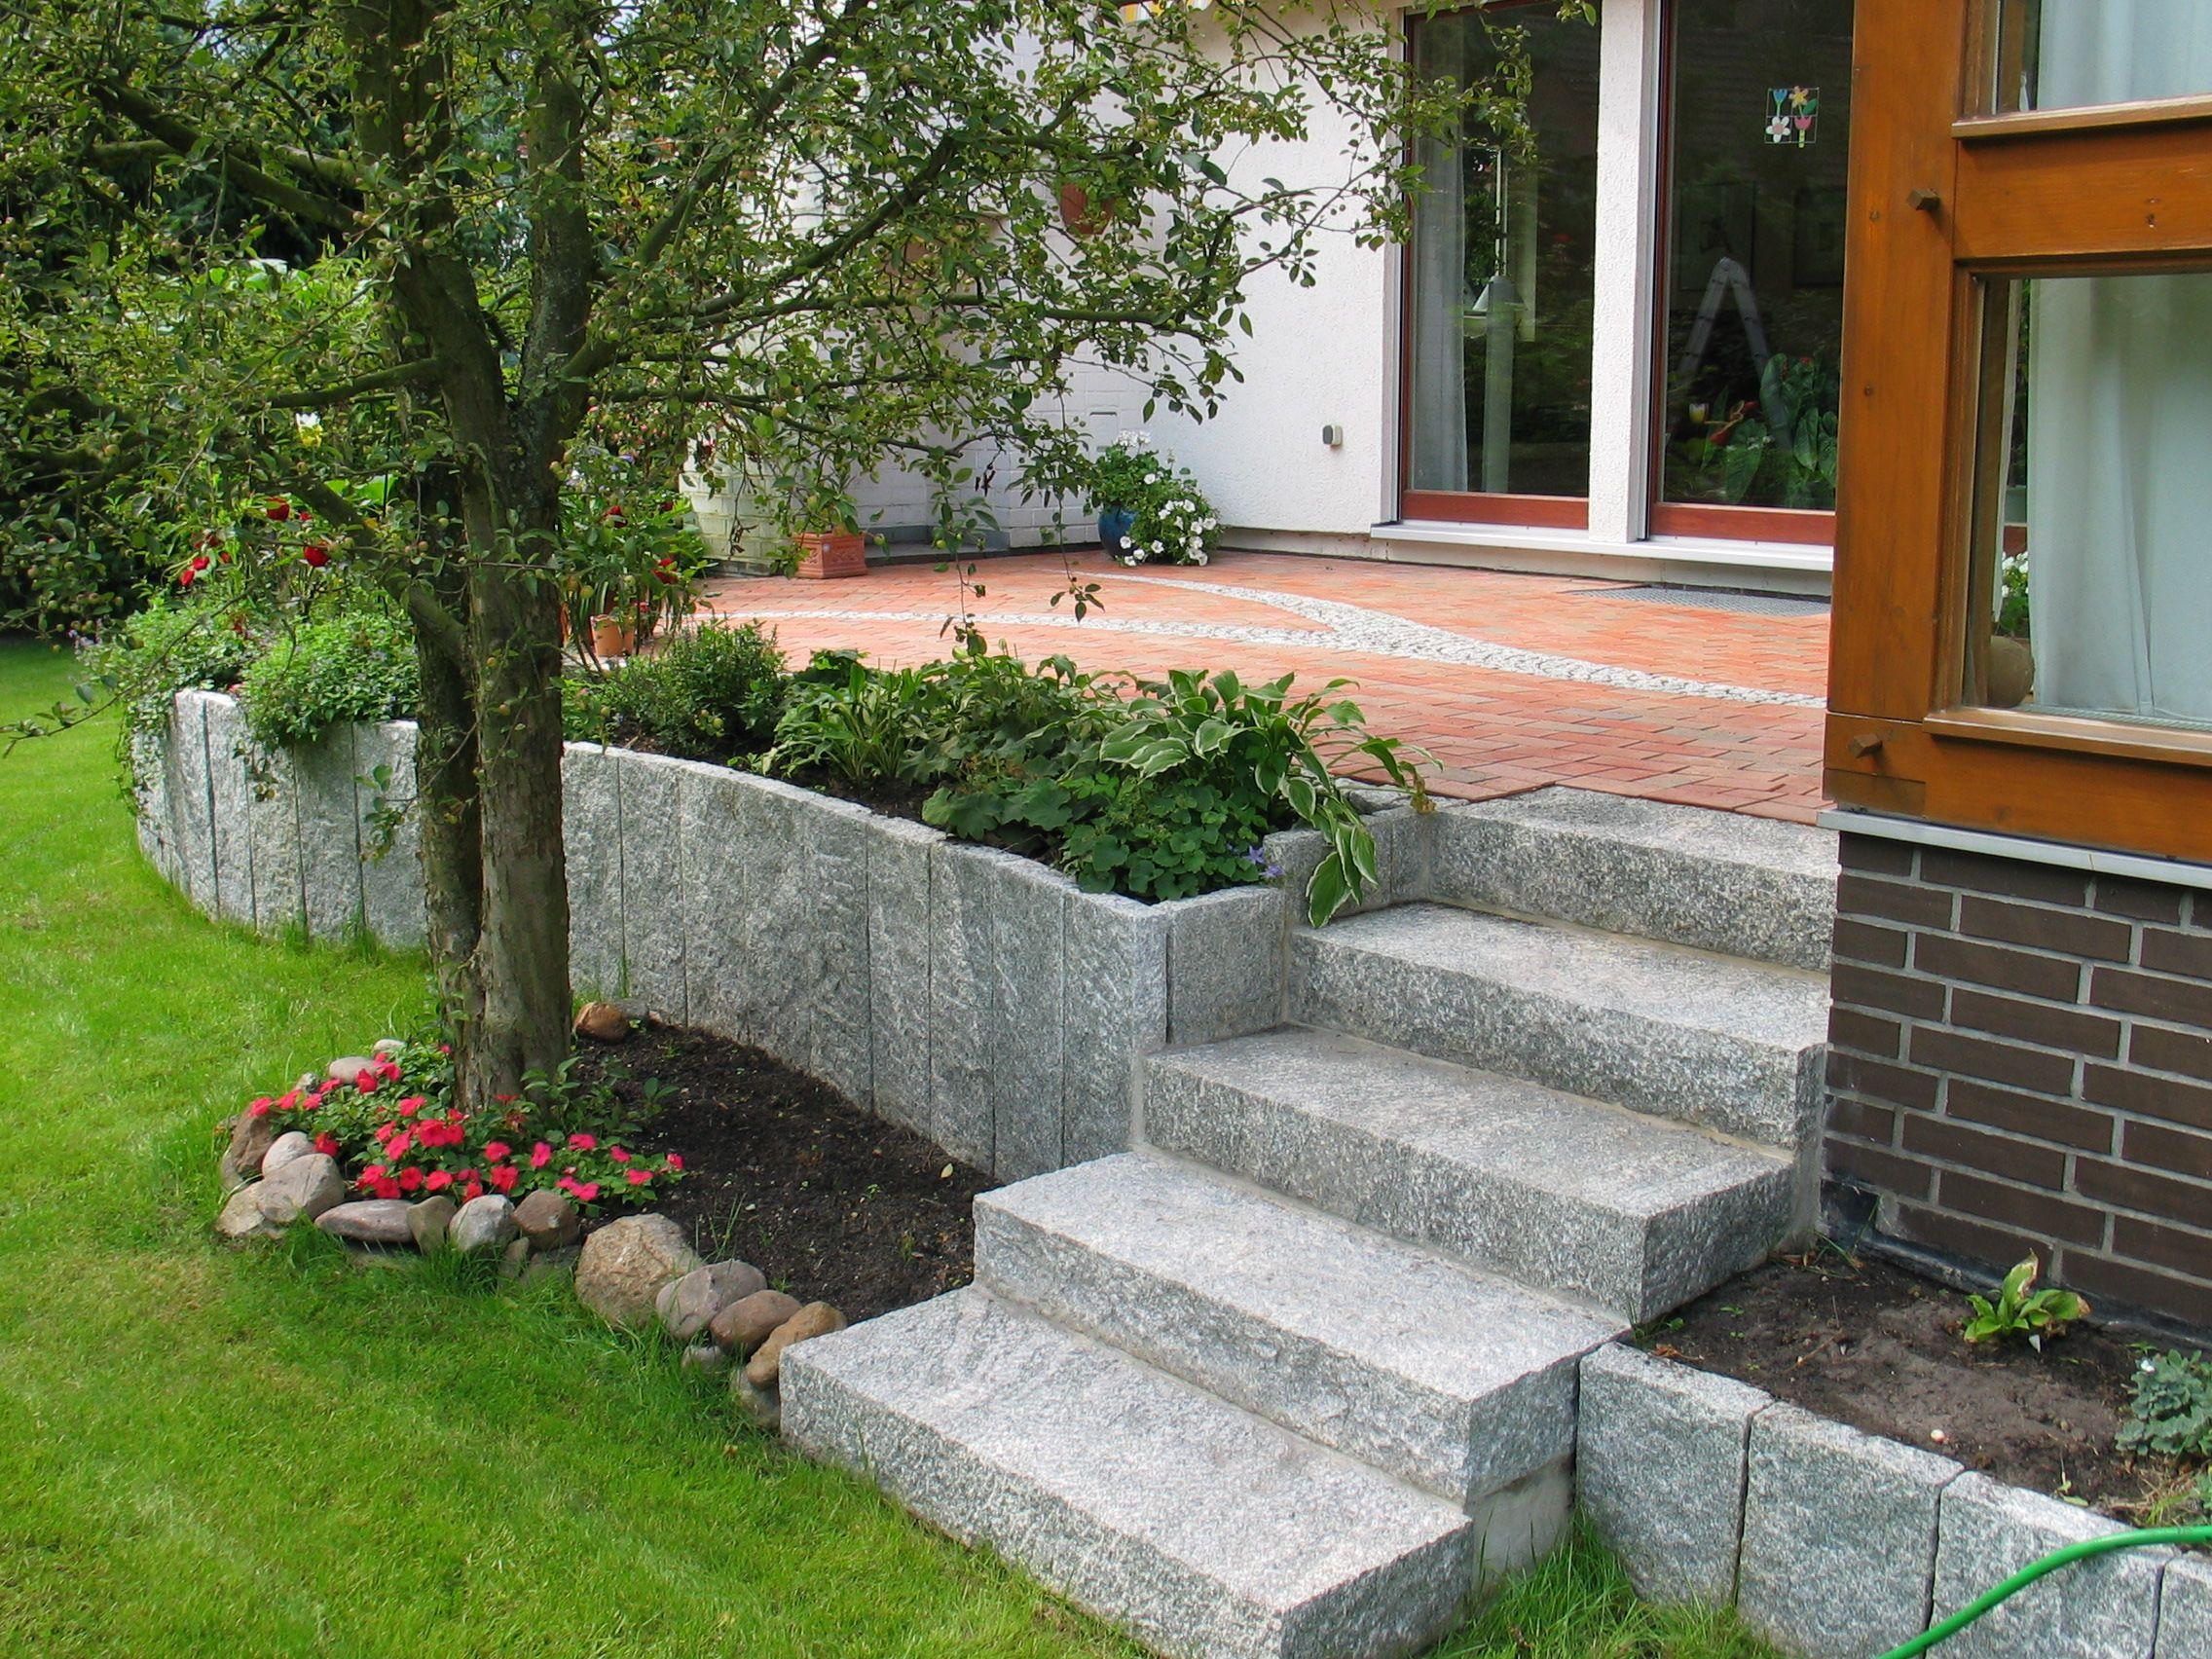 terrasse individuell gestaltet wir planen mit ihnen vor ort ihren neuen garten mit naturstein. Black Bedroom Furniture Sets. Home Design Ideas